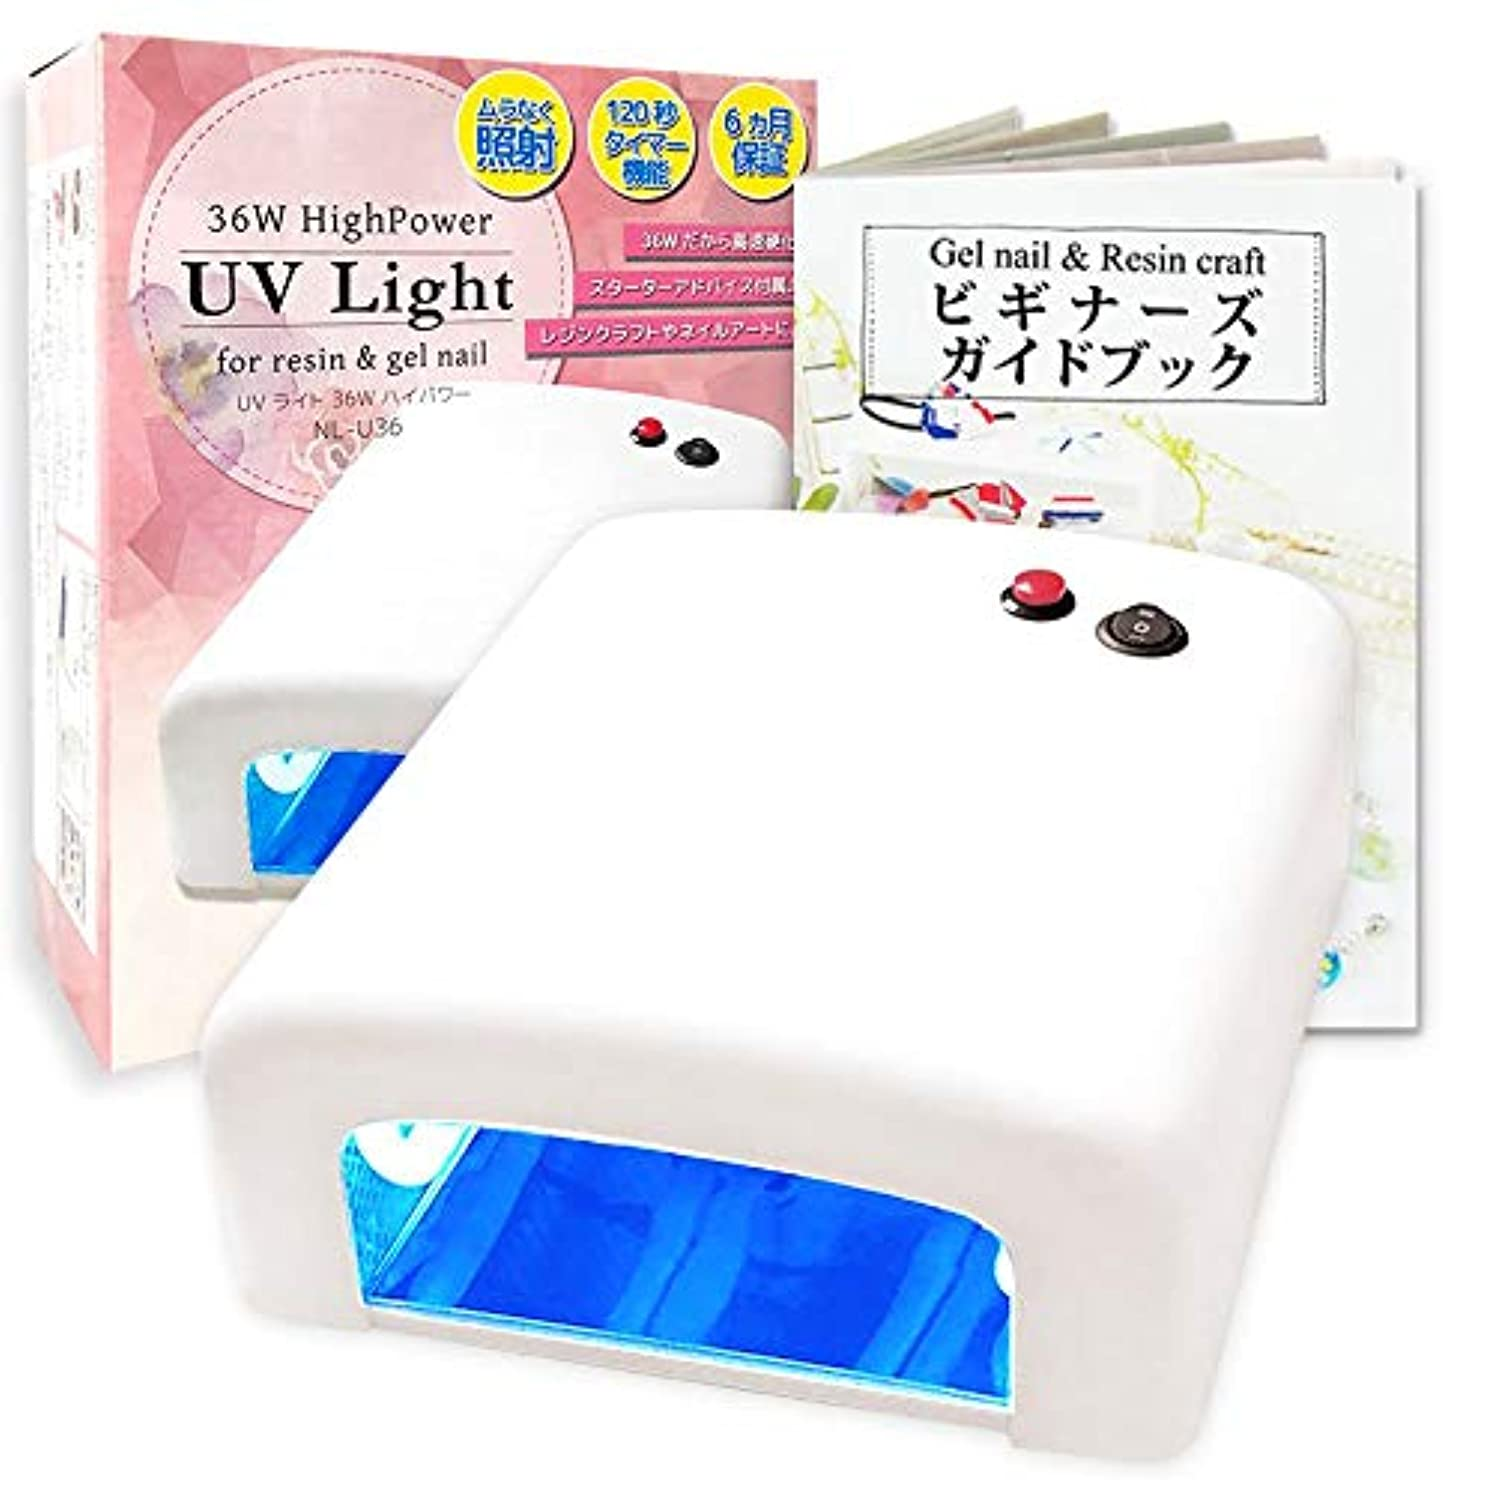 相互クマノミスーツケースNAILIO 36W UVライト  初心者でもジェルネイルとレジンクラフトができるテキストセット【日本正規品6か月保証】